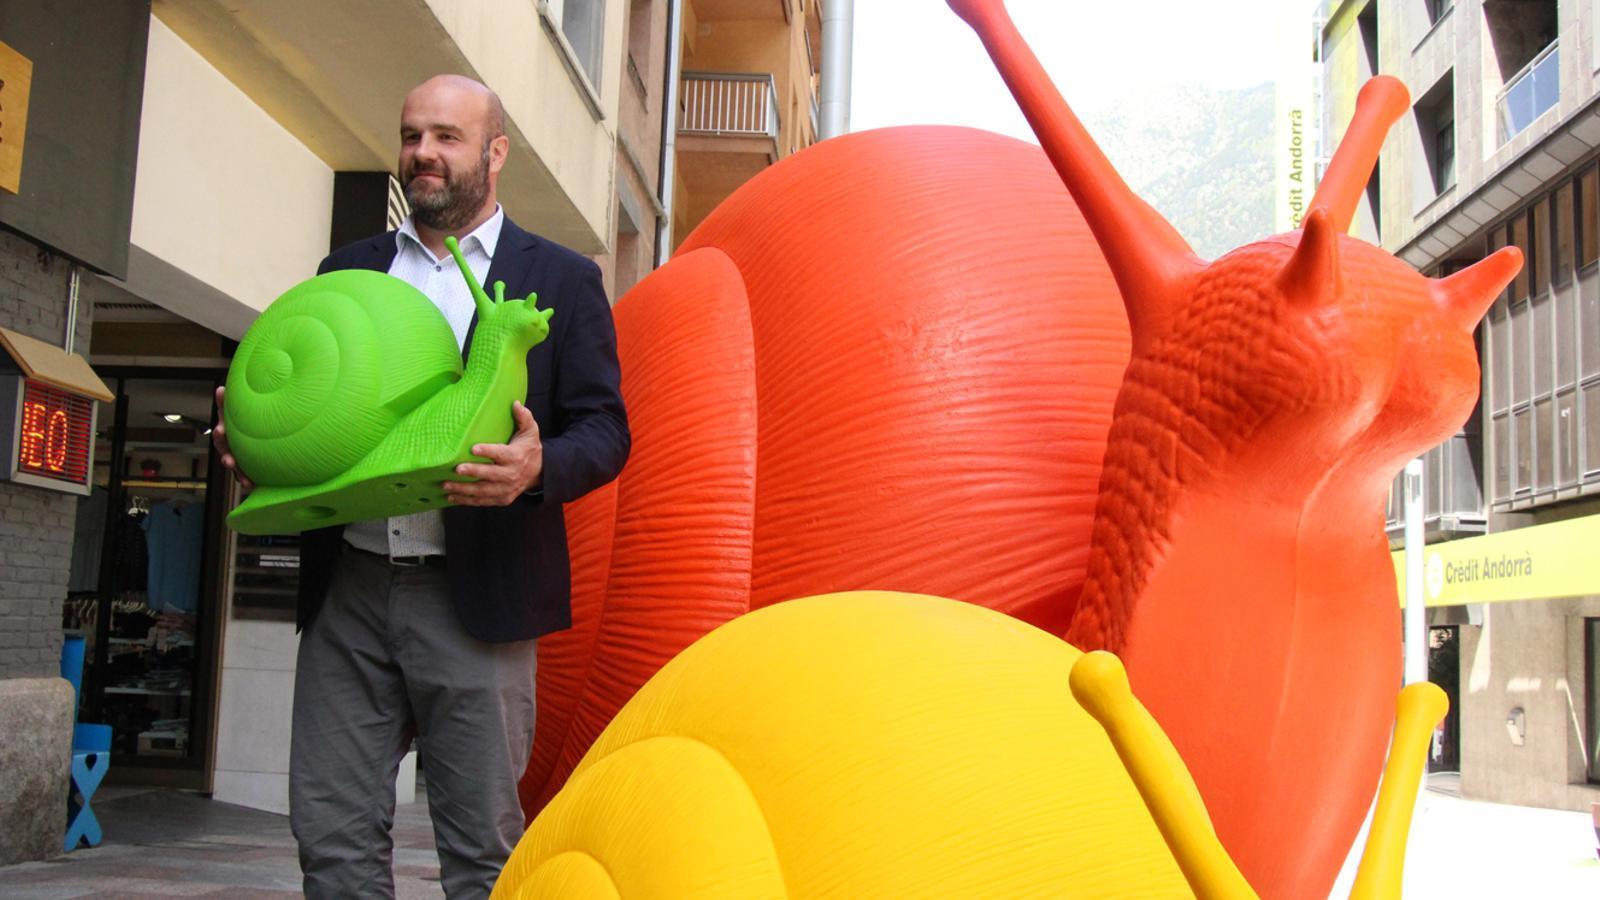 El cònsol menor d'Escaldes-Engordany, Marc Calvet, amb una mostra de l'exposició que hi haurà a la zona Vivand. / M. P. (ANA)